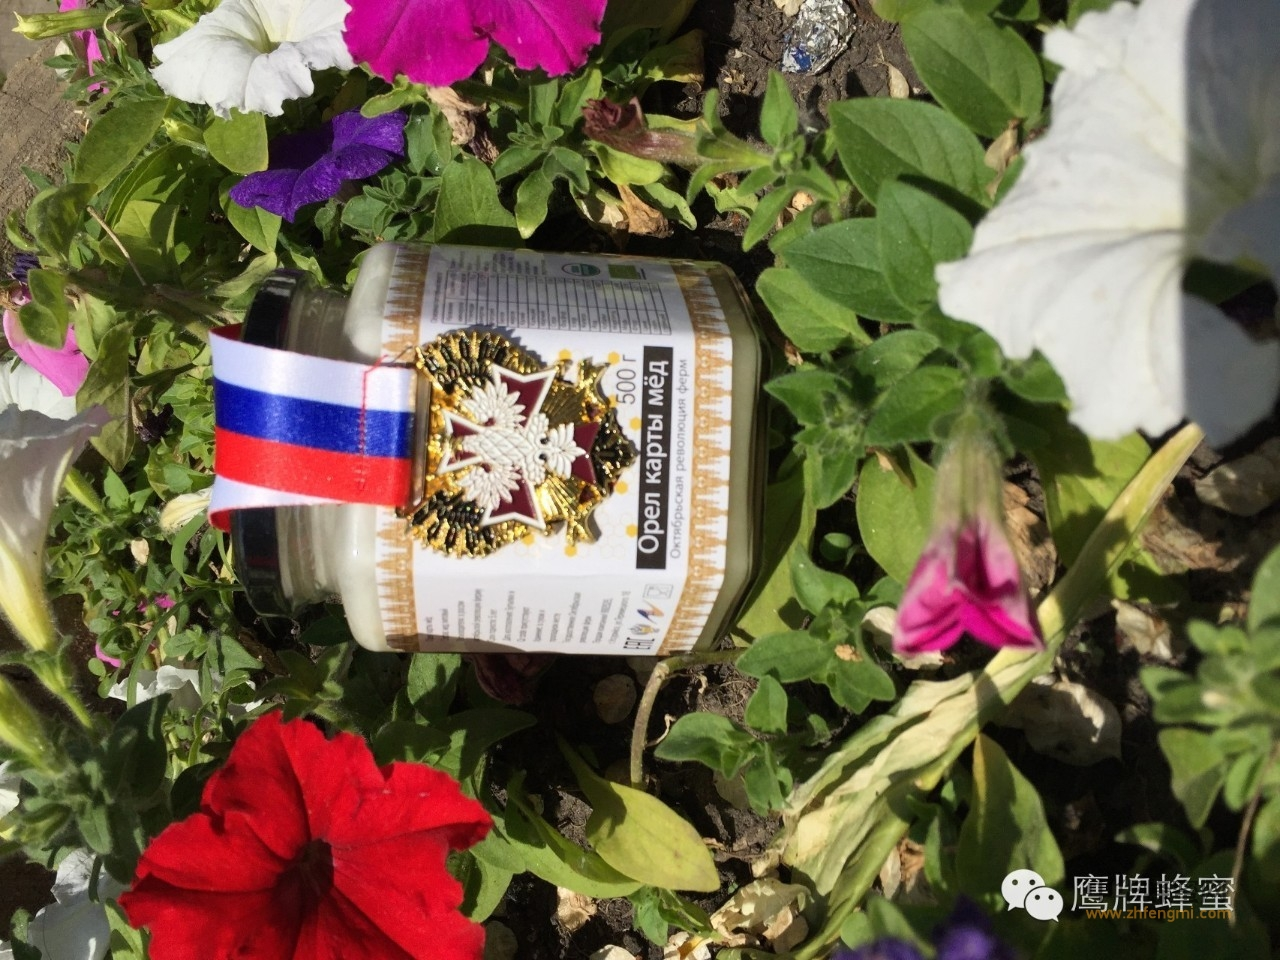 【蜂蜜加白醋减肥法】_俄产蜂蜜有哪些特征